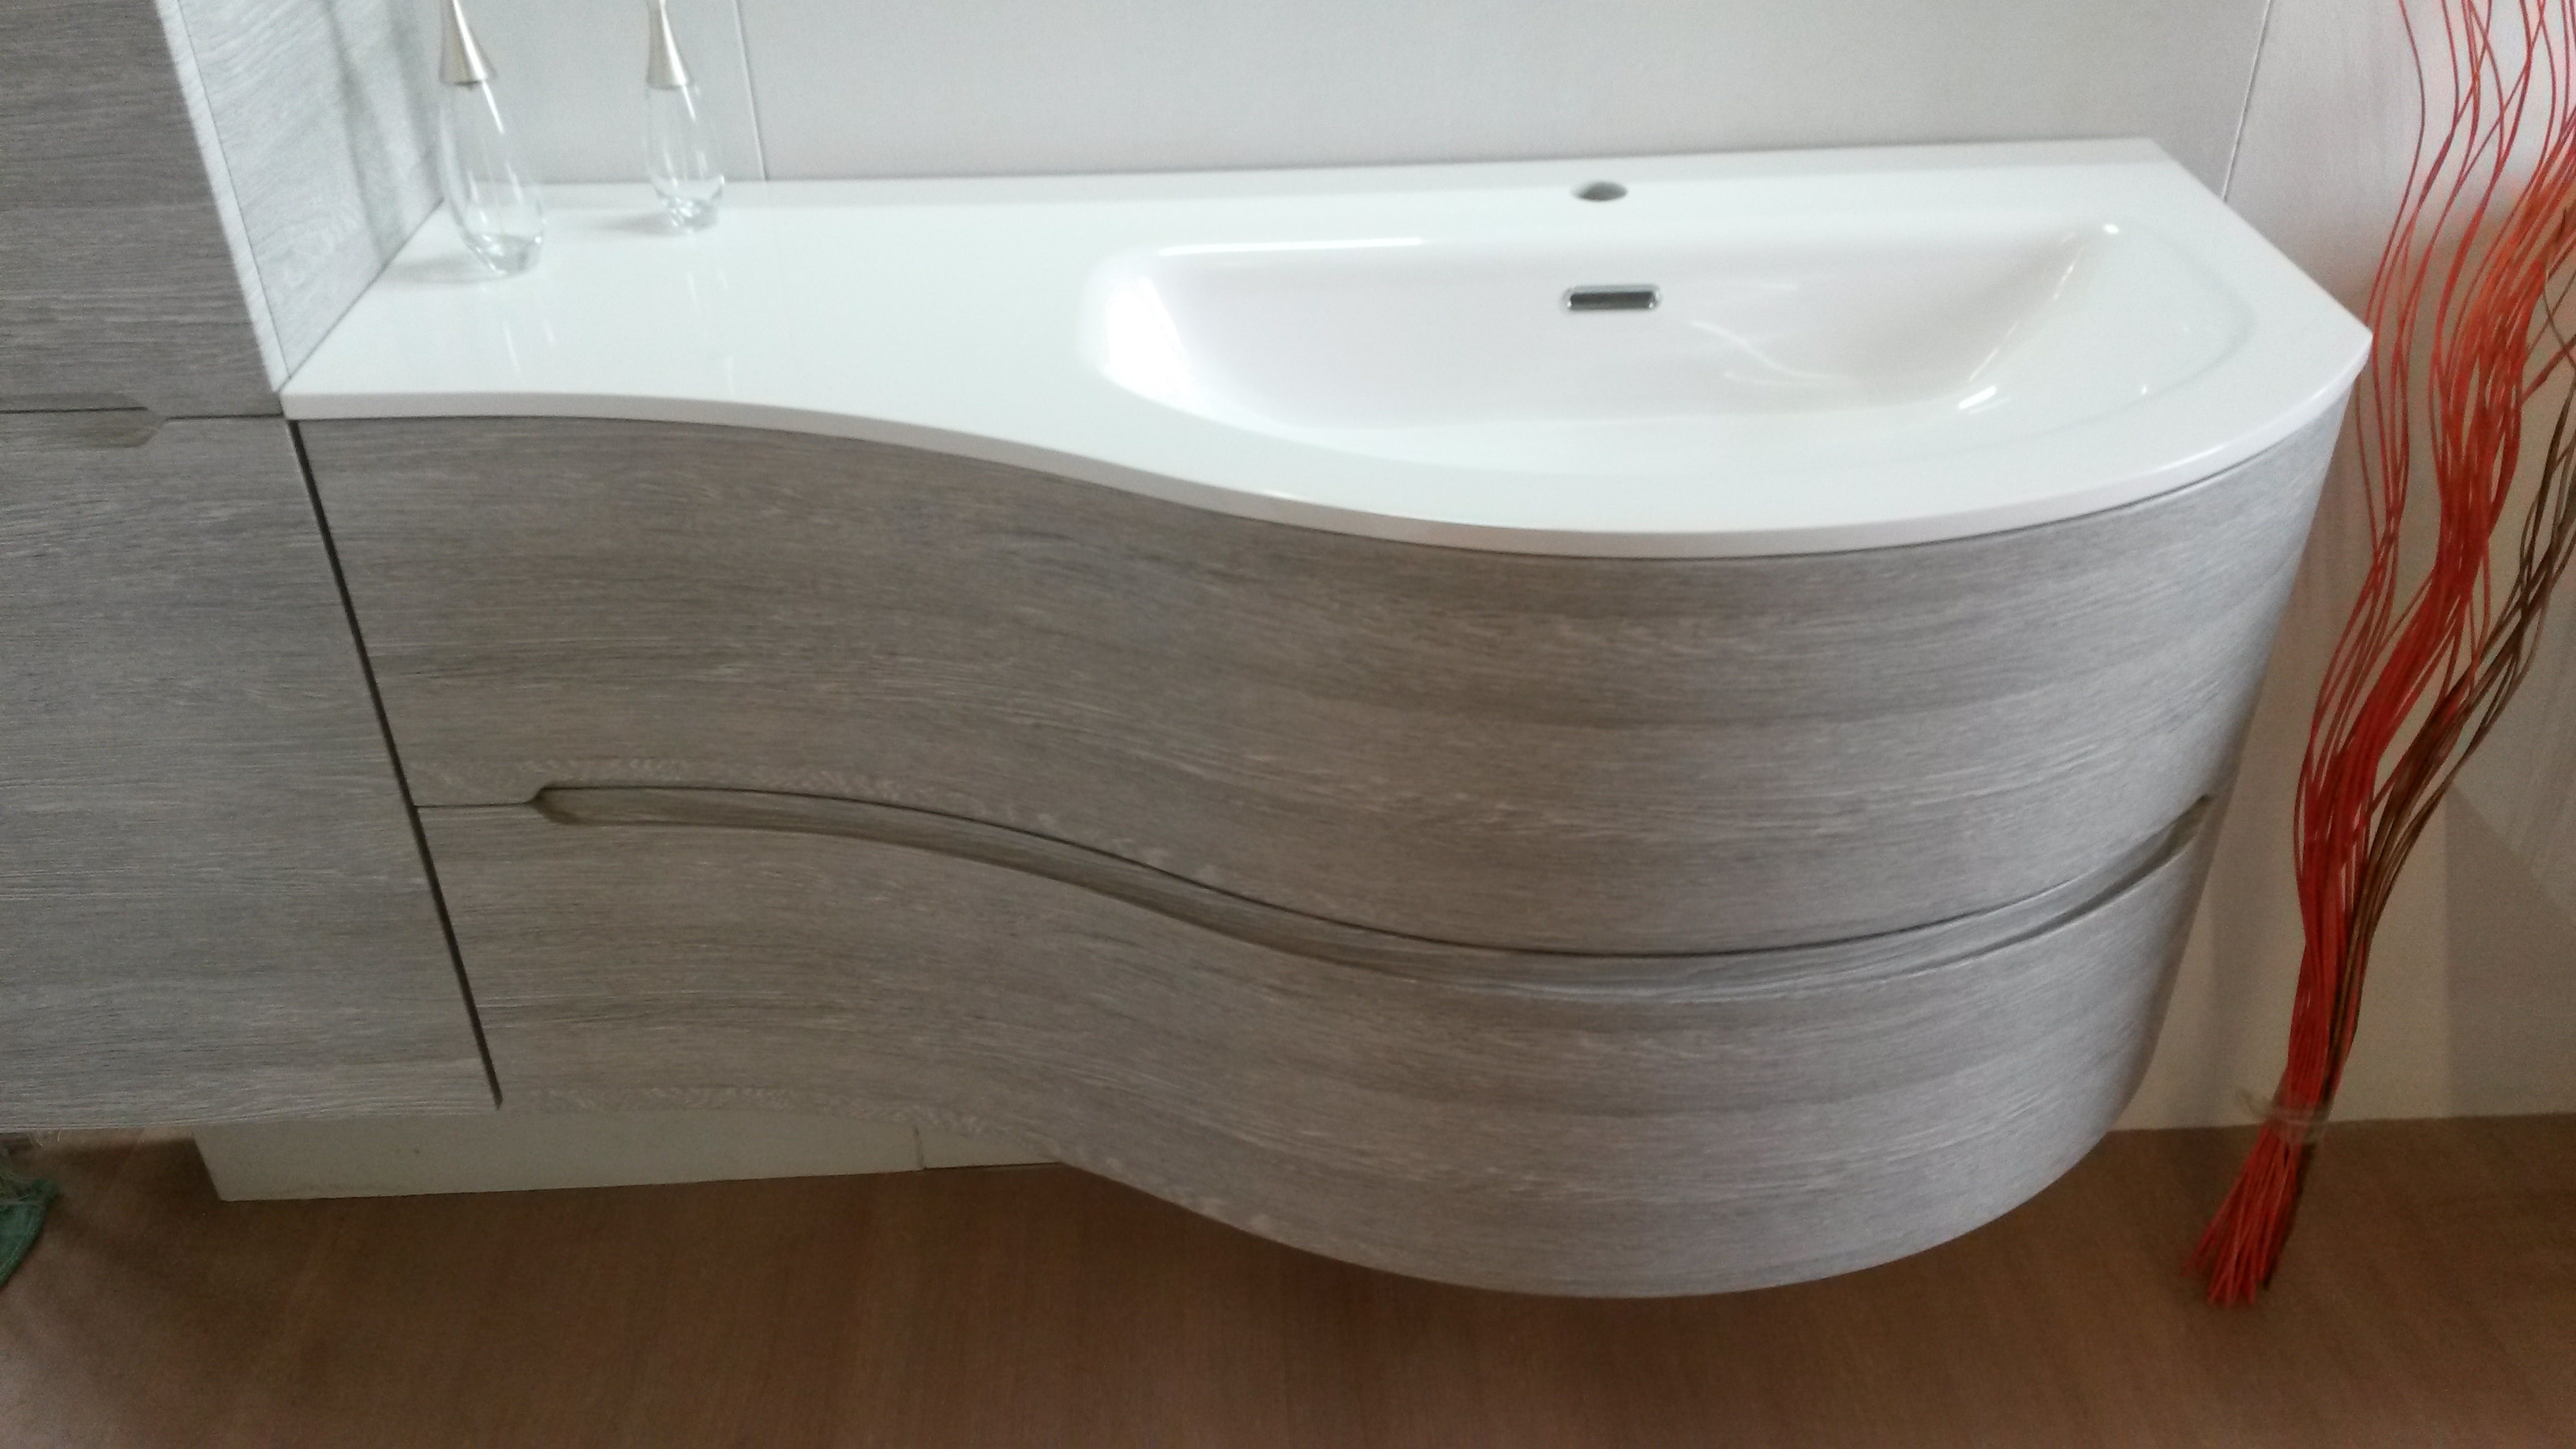 Bagno smyle di idea group scontato del 40 arredo bagno a prezzi scontati - Arredo bagno messina ...